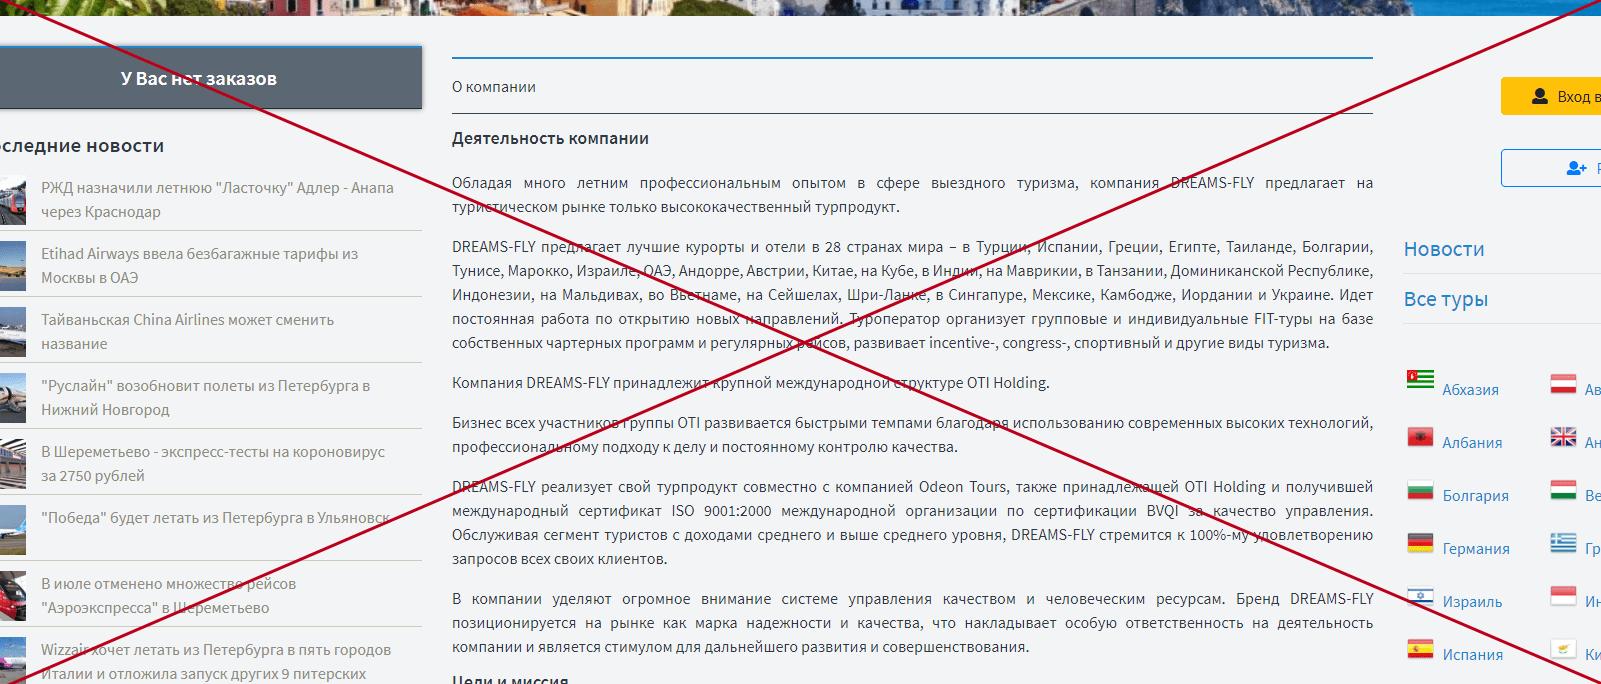 Компания Dreams-Fly - отзывы о работе в dreams-fly.ru